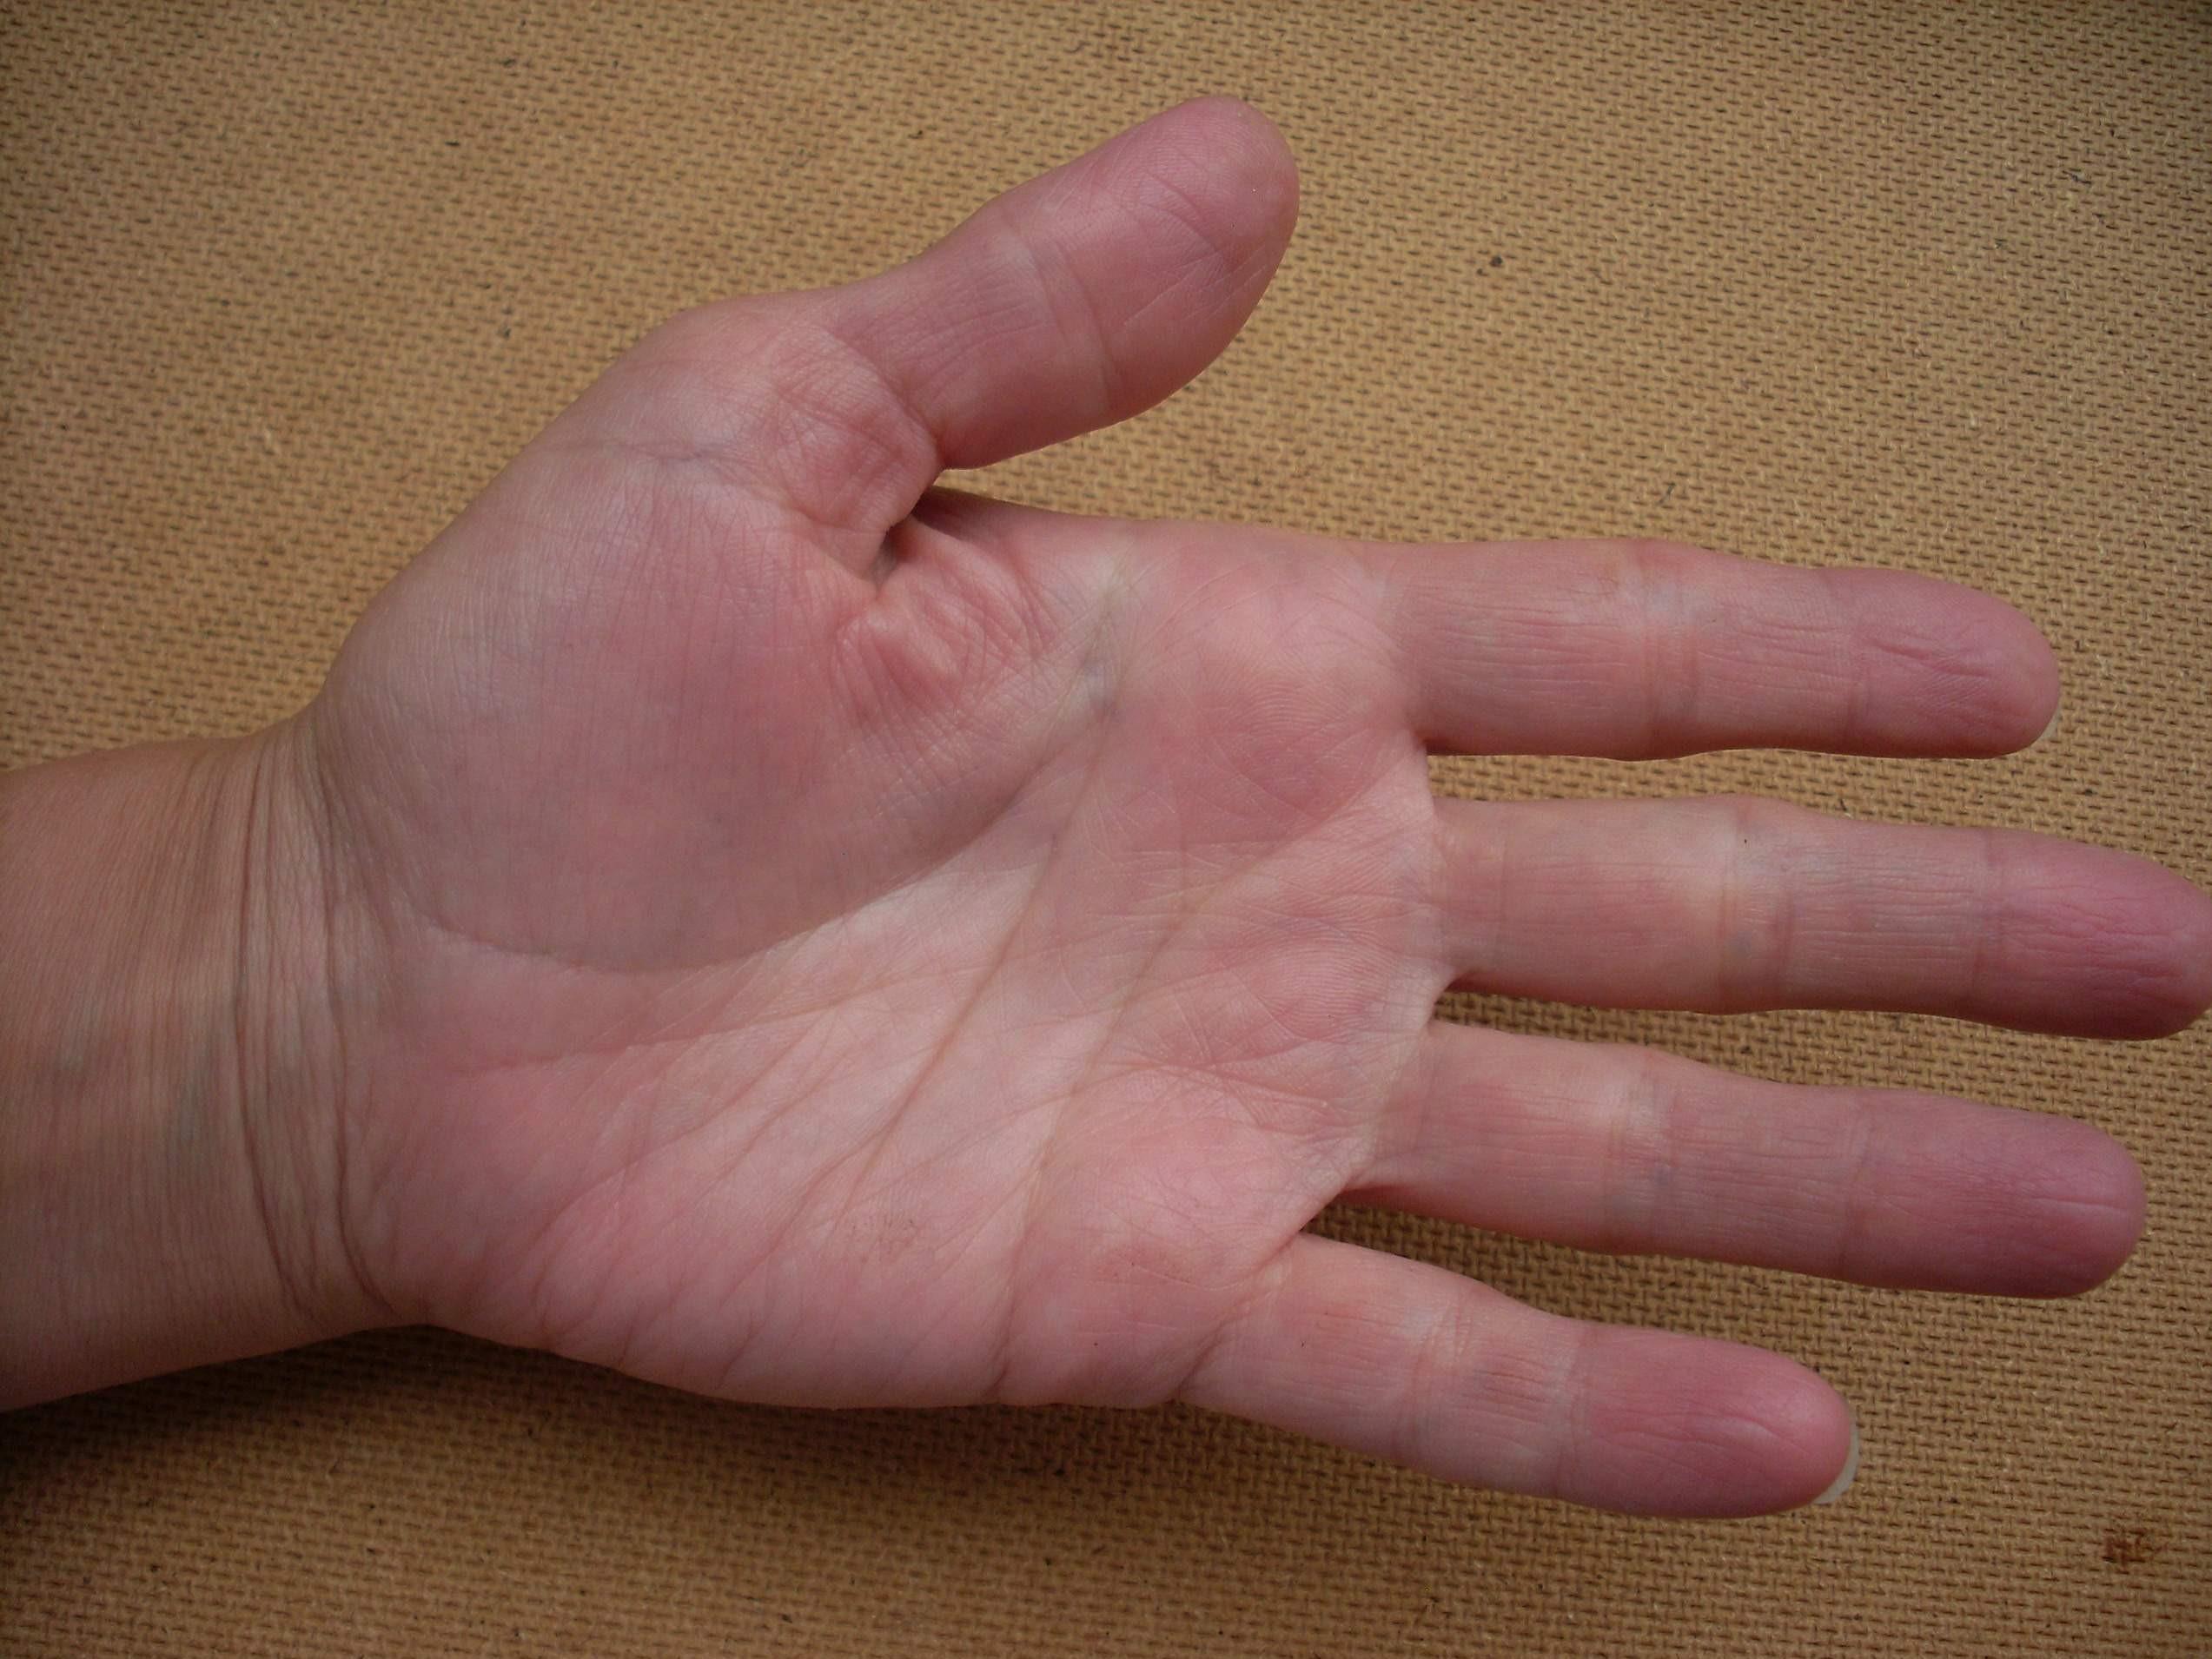 шишка на суставе пальцев руки